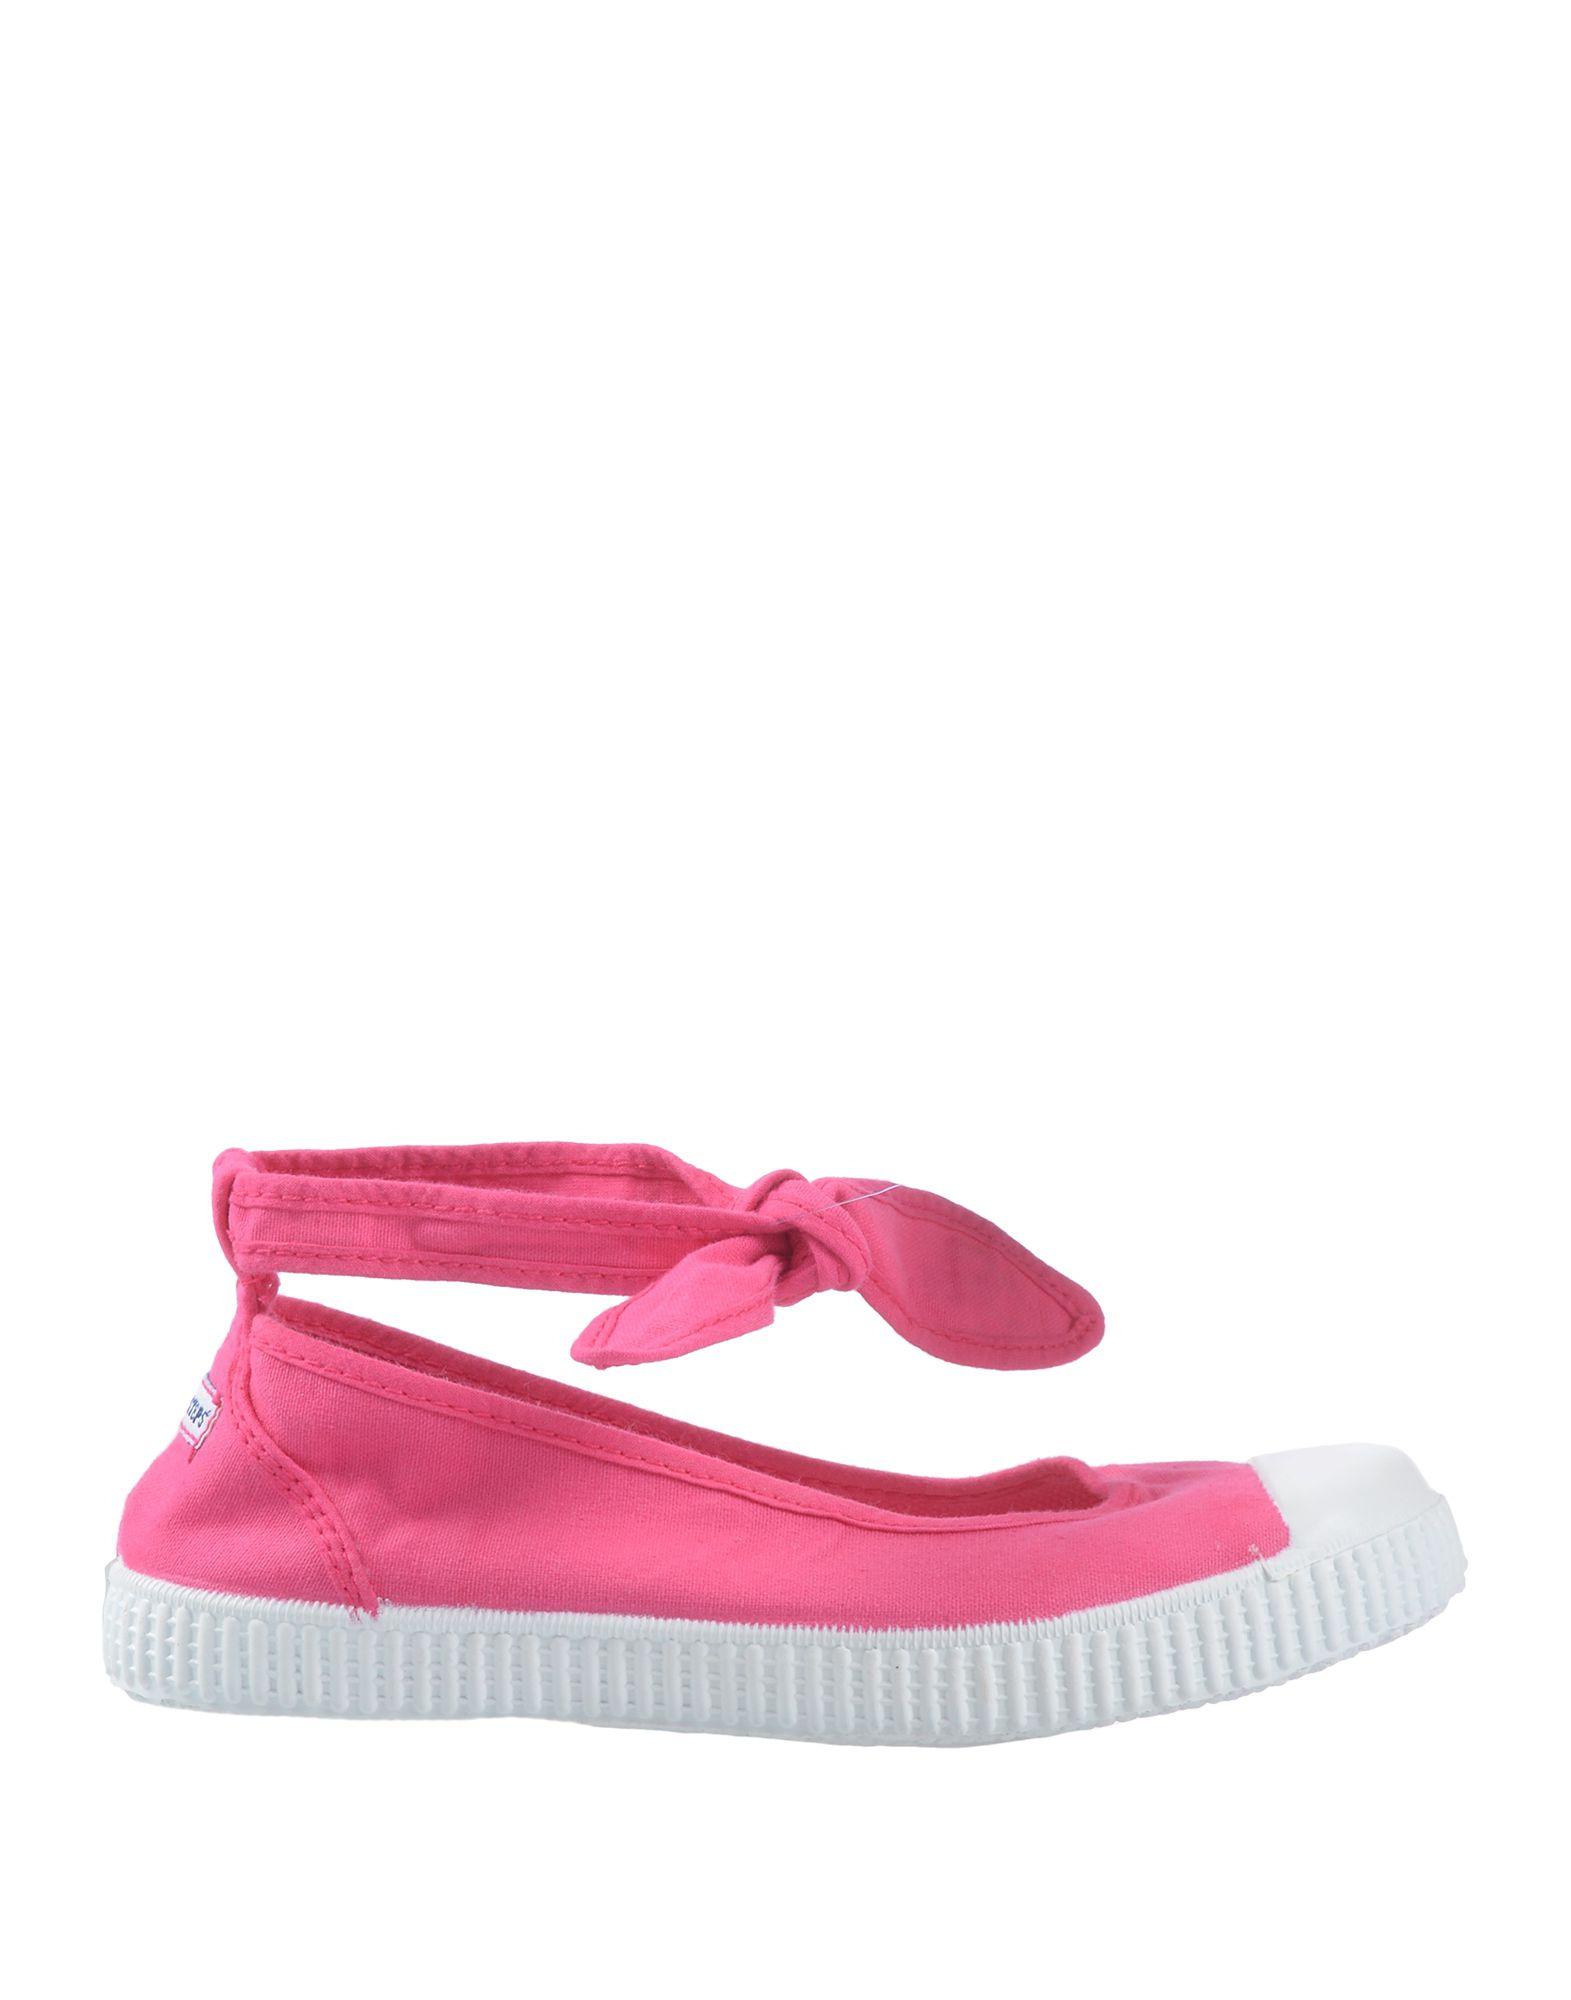 мужские сандалии из натуральной кожи купить в интернет магазине